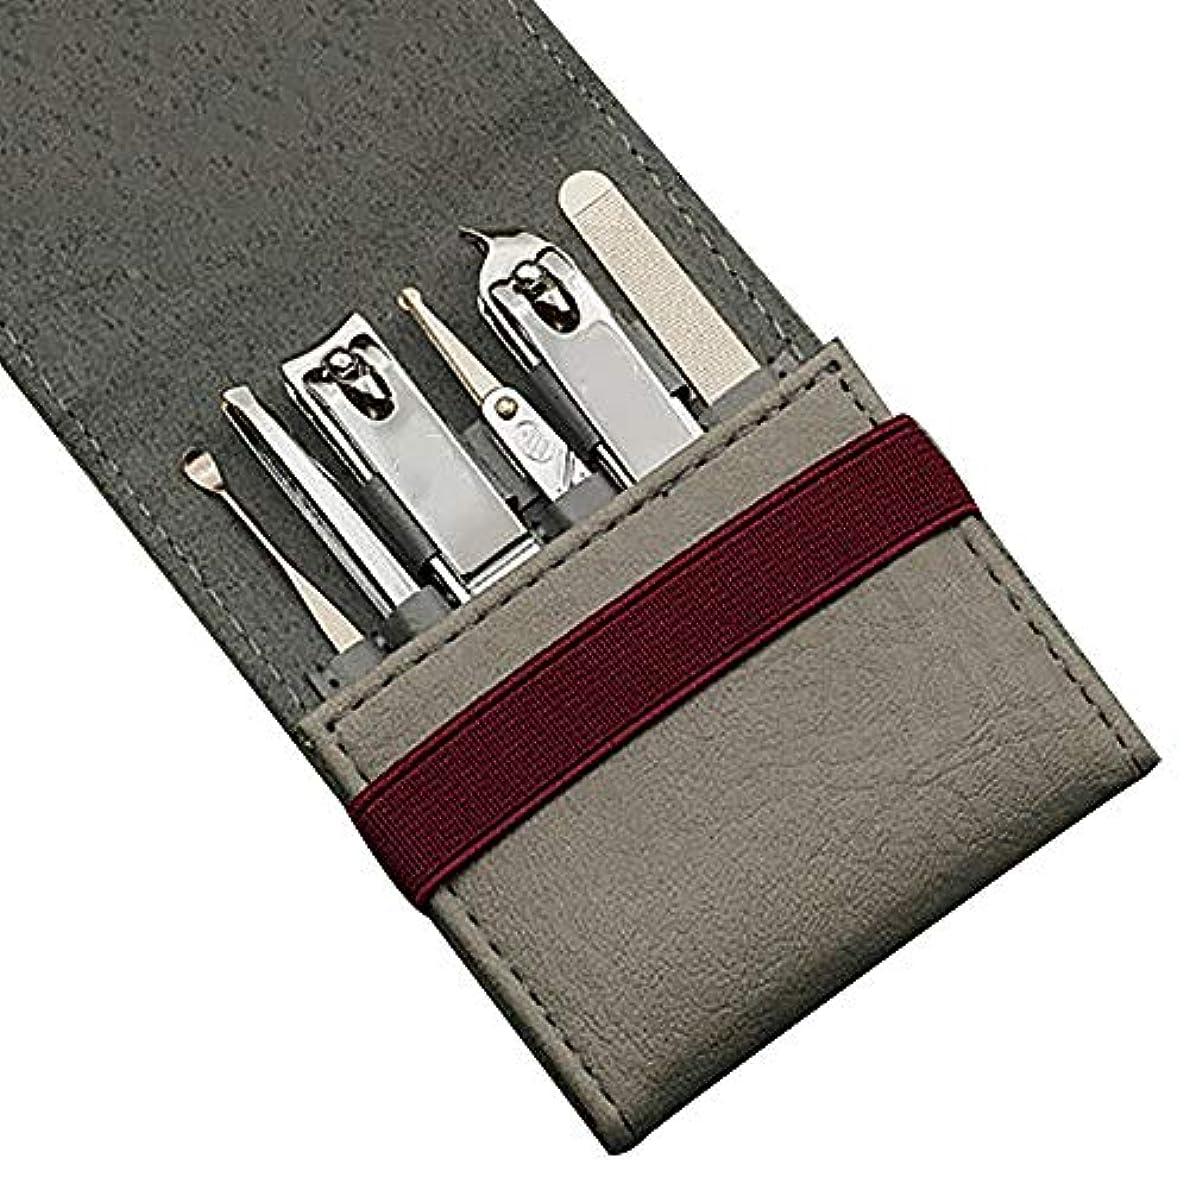 今日社員リビングルーム爪切りセットステンレス爪切り高級グレーPUレザーケース付き、6点セット